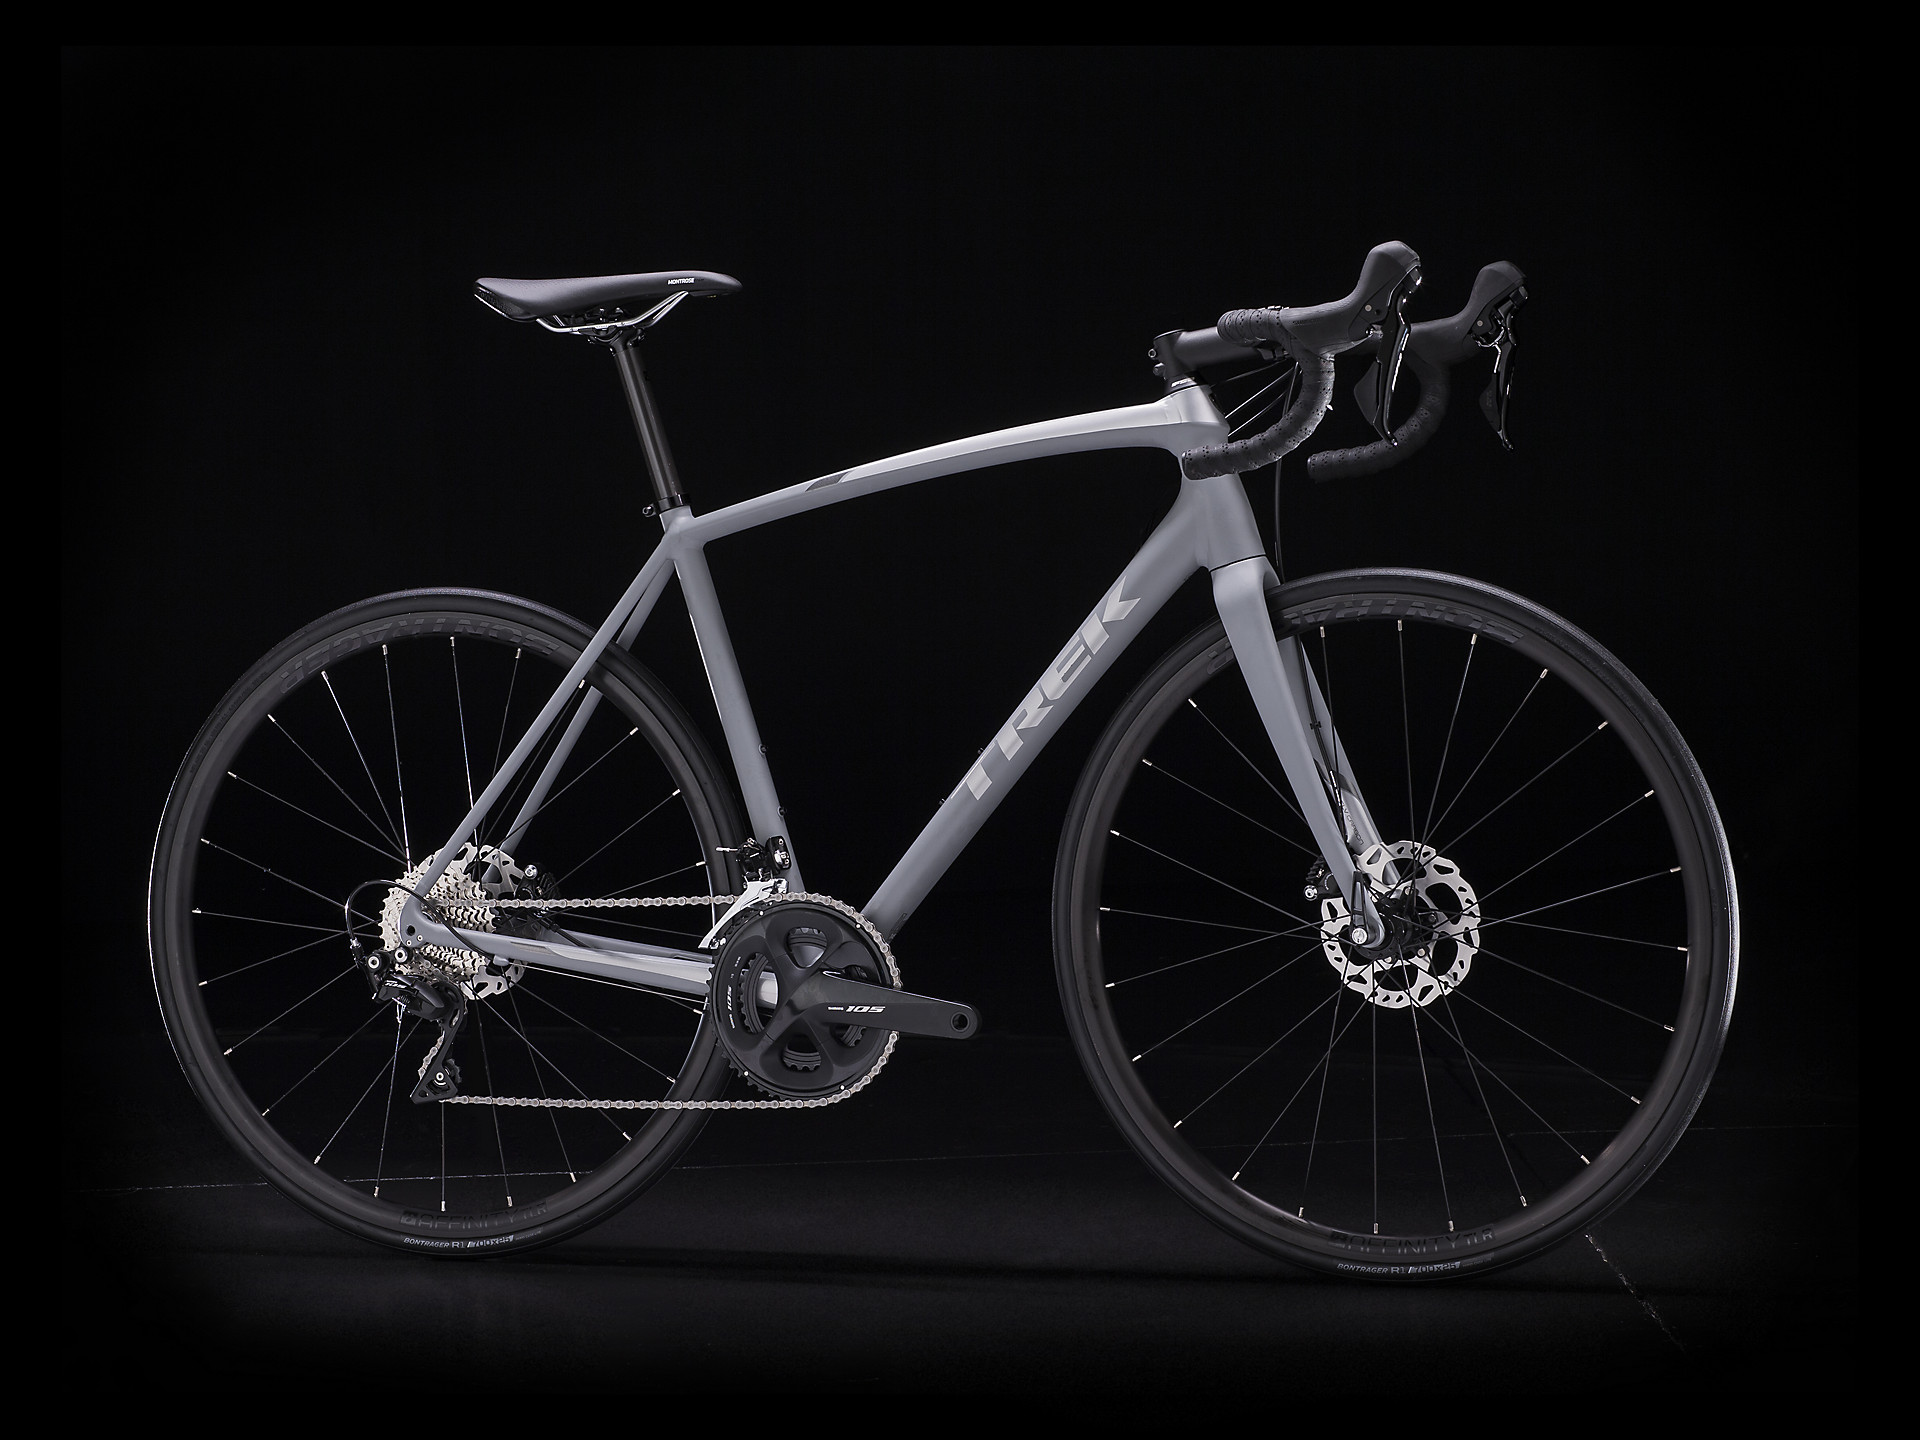 c0b60e18a1c Émonda ALR 5 Disc | Trek Bikes